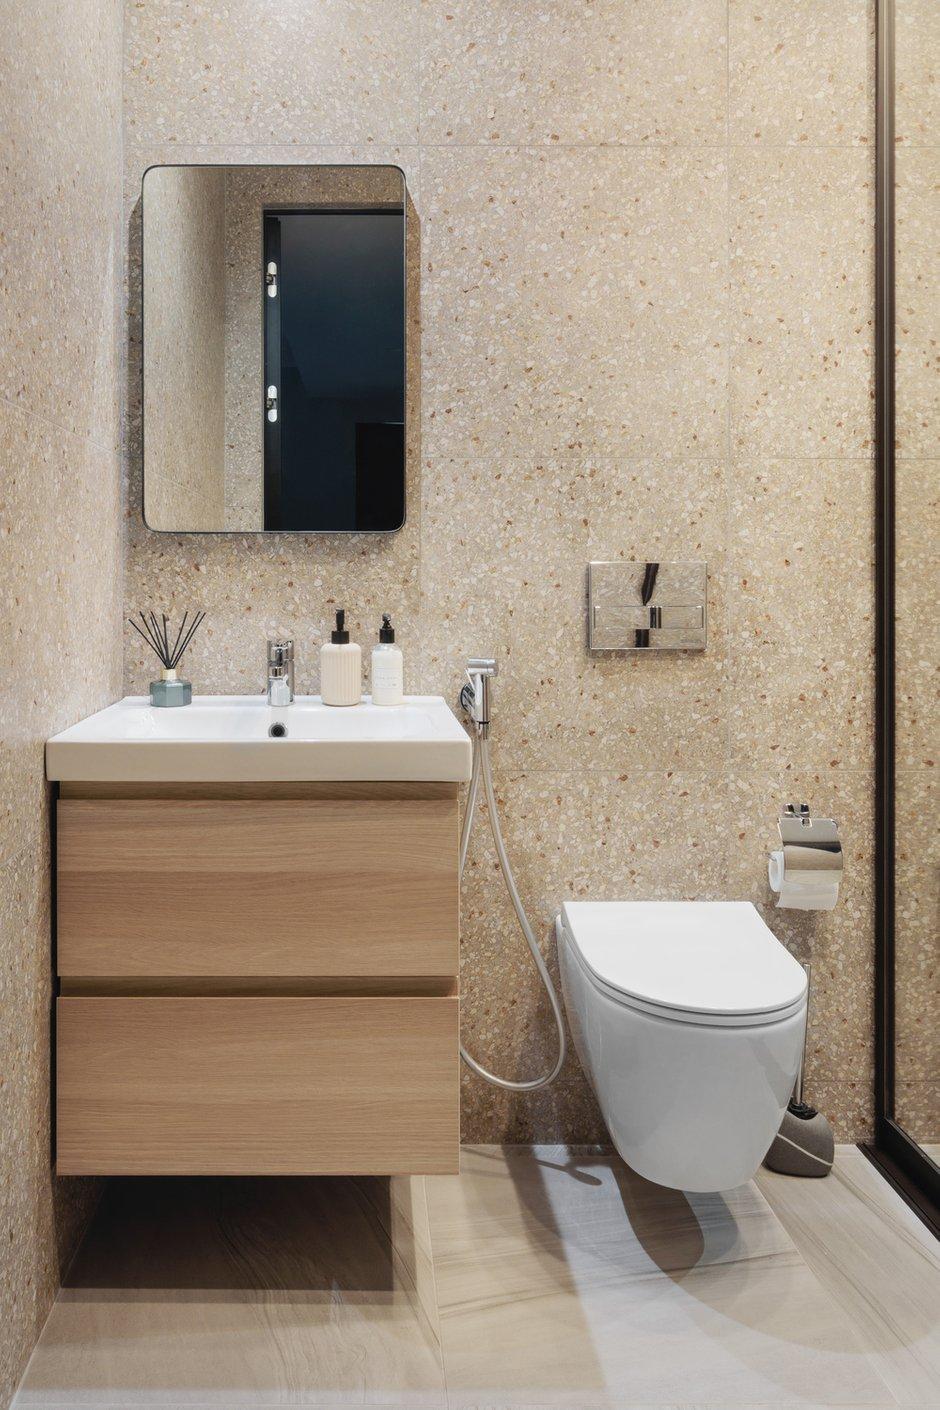 Фотография: Ванная в стиле Современный, Квартира, Минимализм, Проект недели, Москва, 3 комнаты, 40-60 метров, Валерия Москалева – фото на INMYROOM